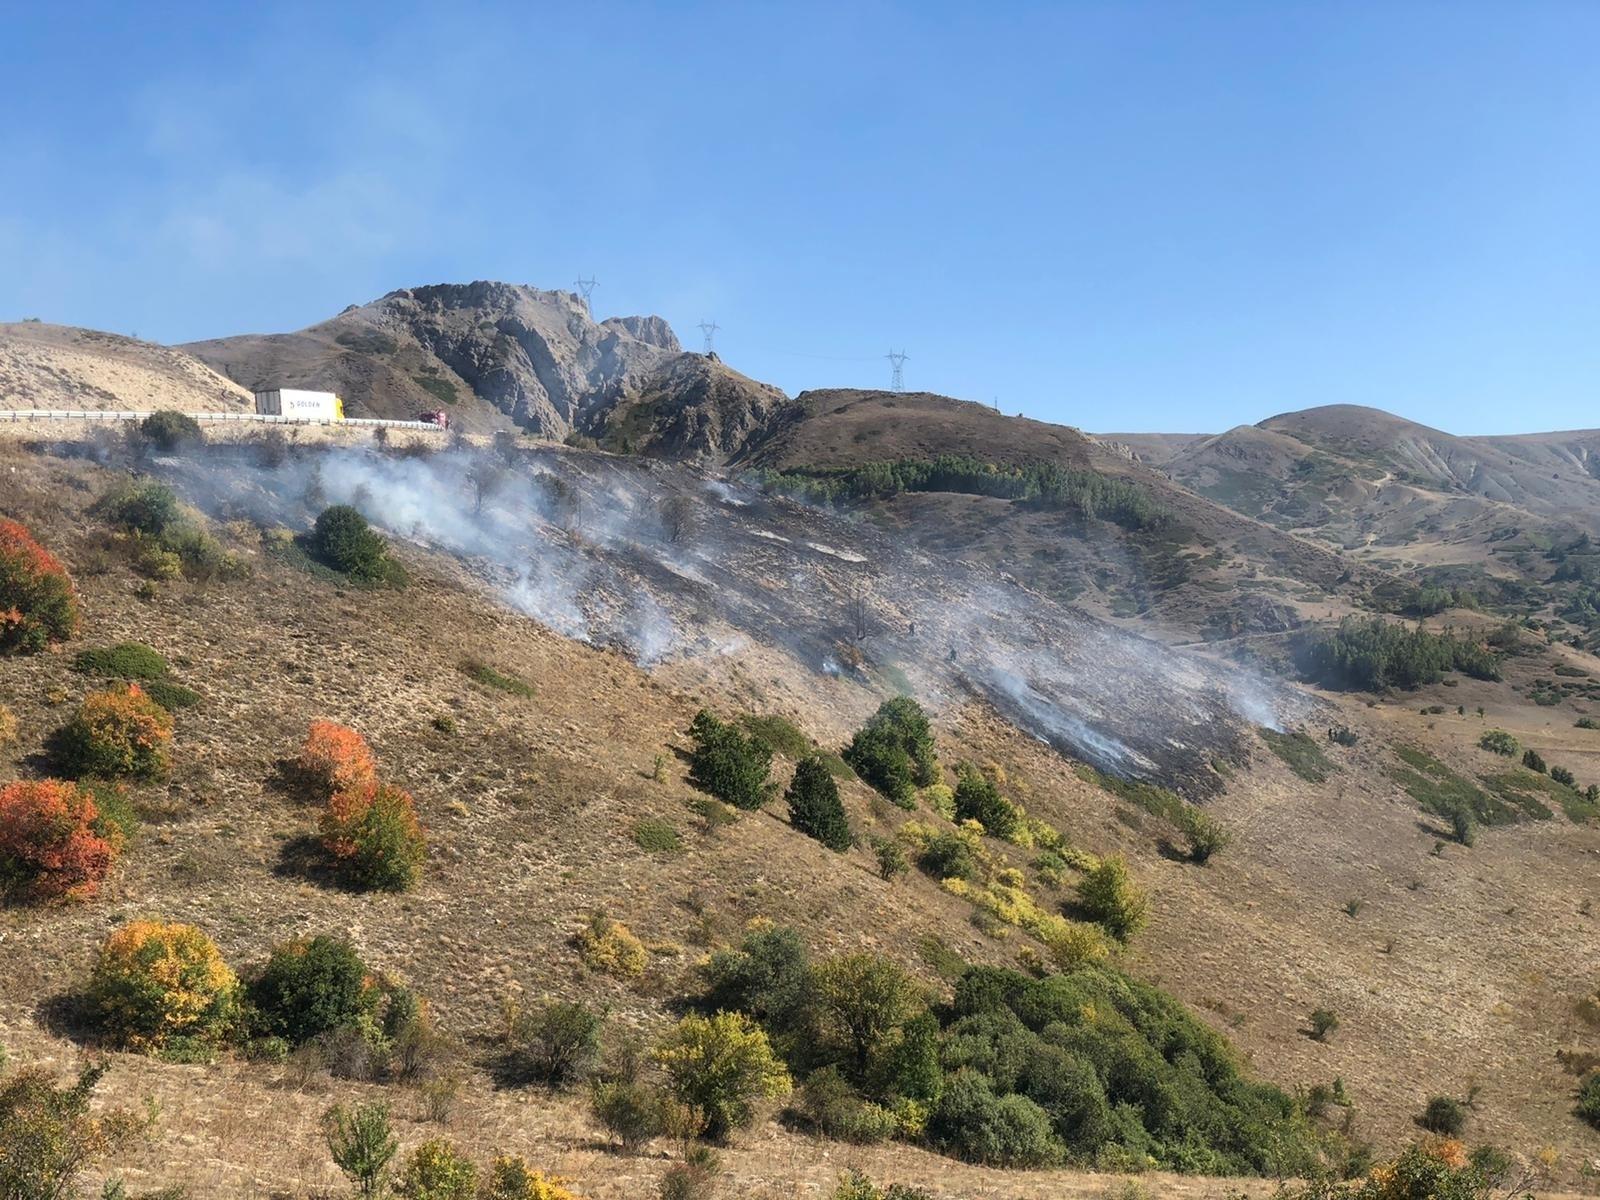 Kop Dağı'nda çıkan örtü yangını kontrol altına alındı #bayburt